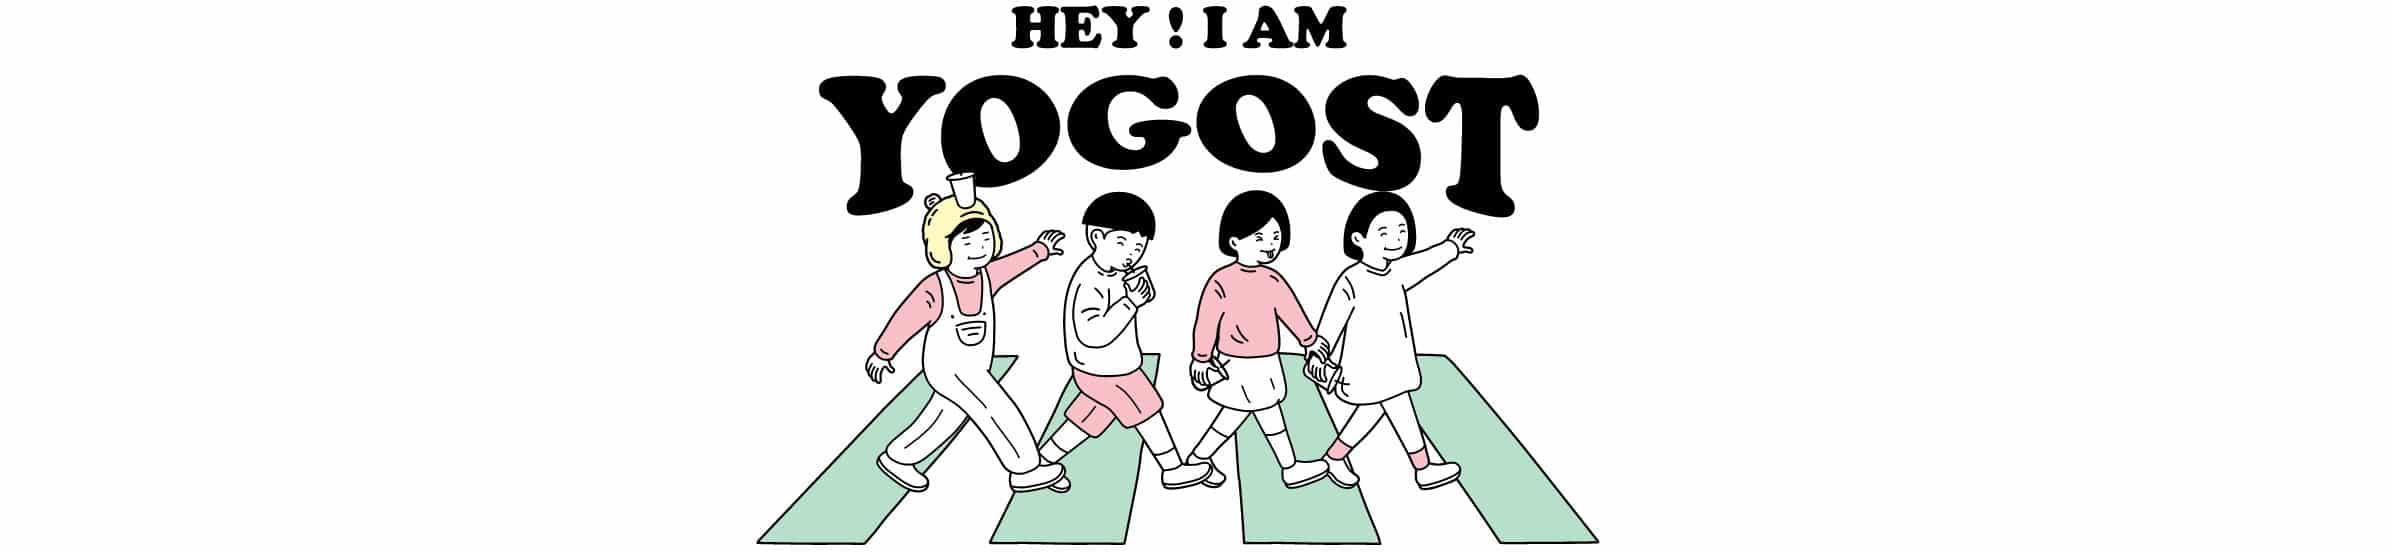 Hey I am Yogost